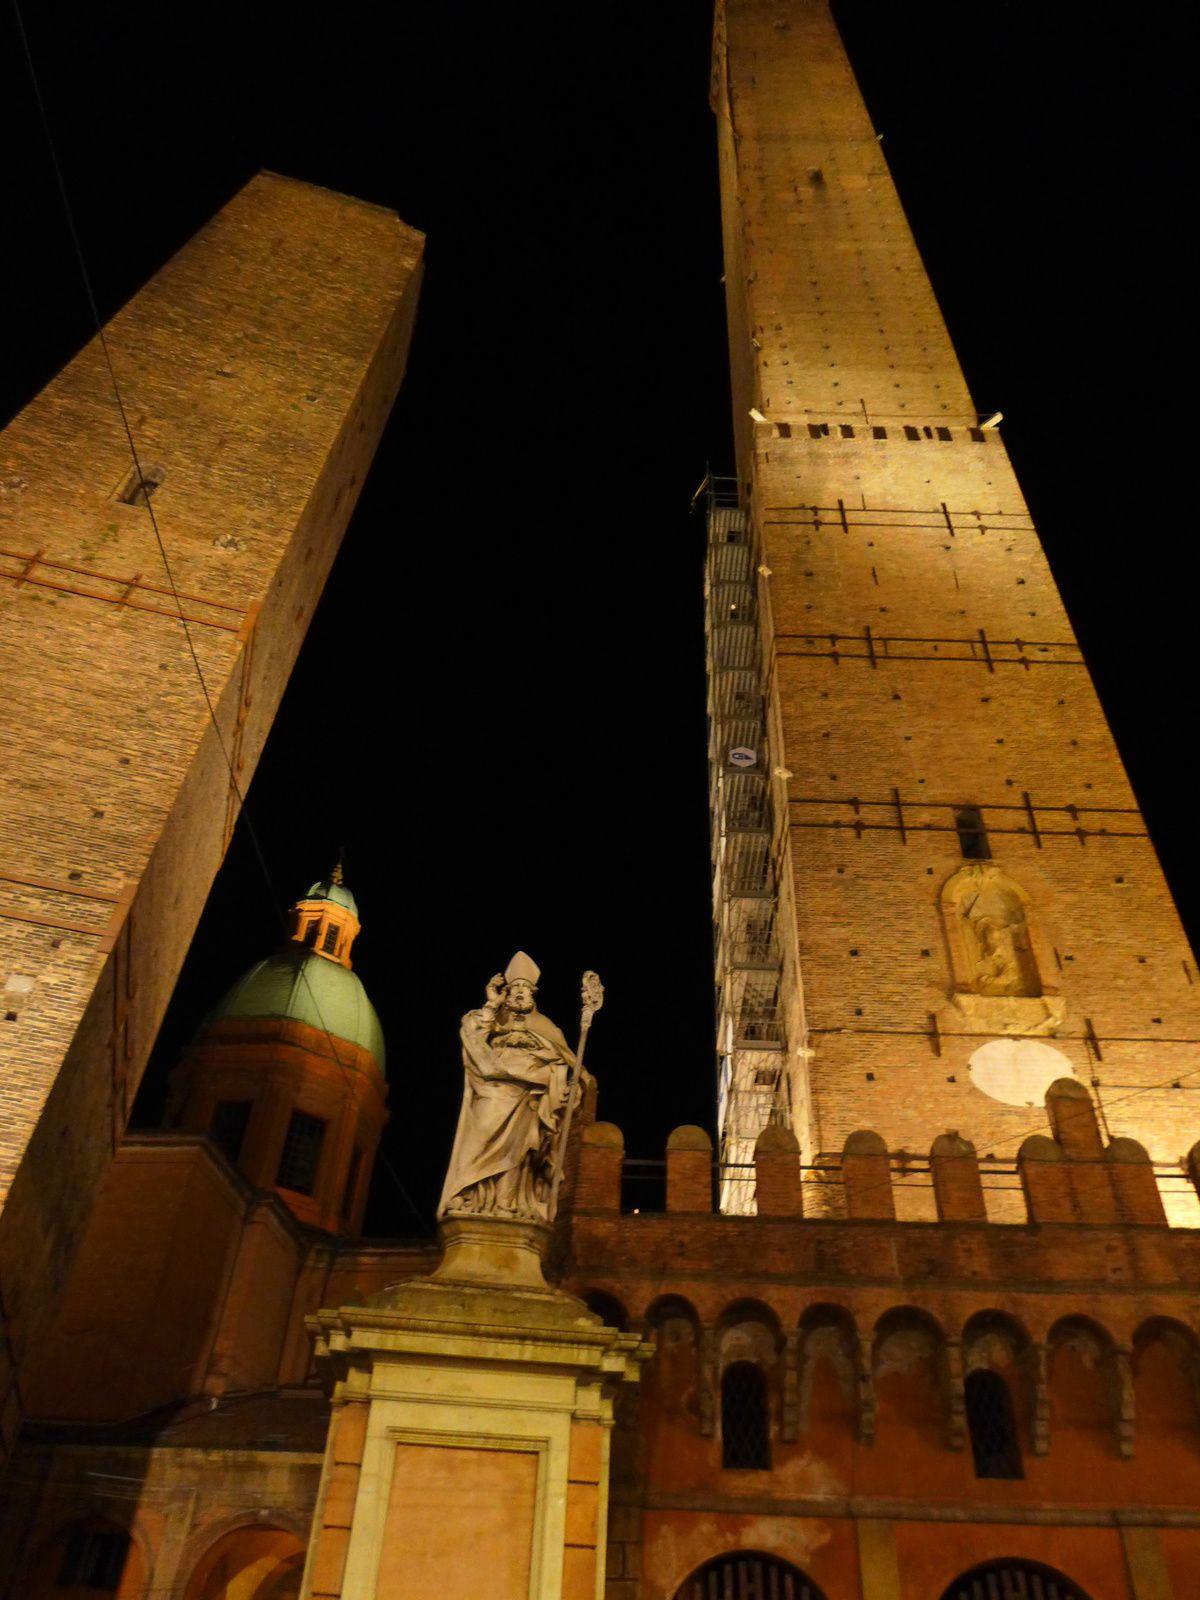 Bologne a plus d'une tour sur son tarmac